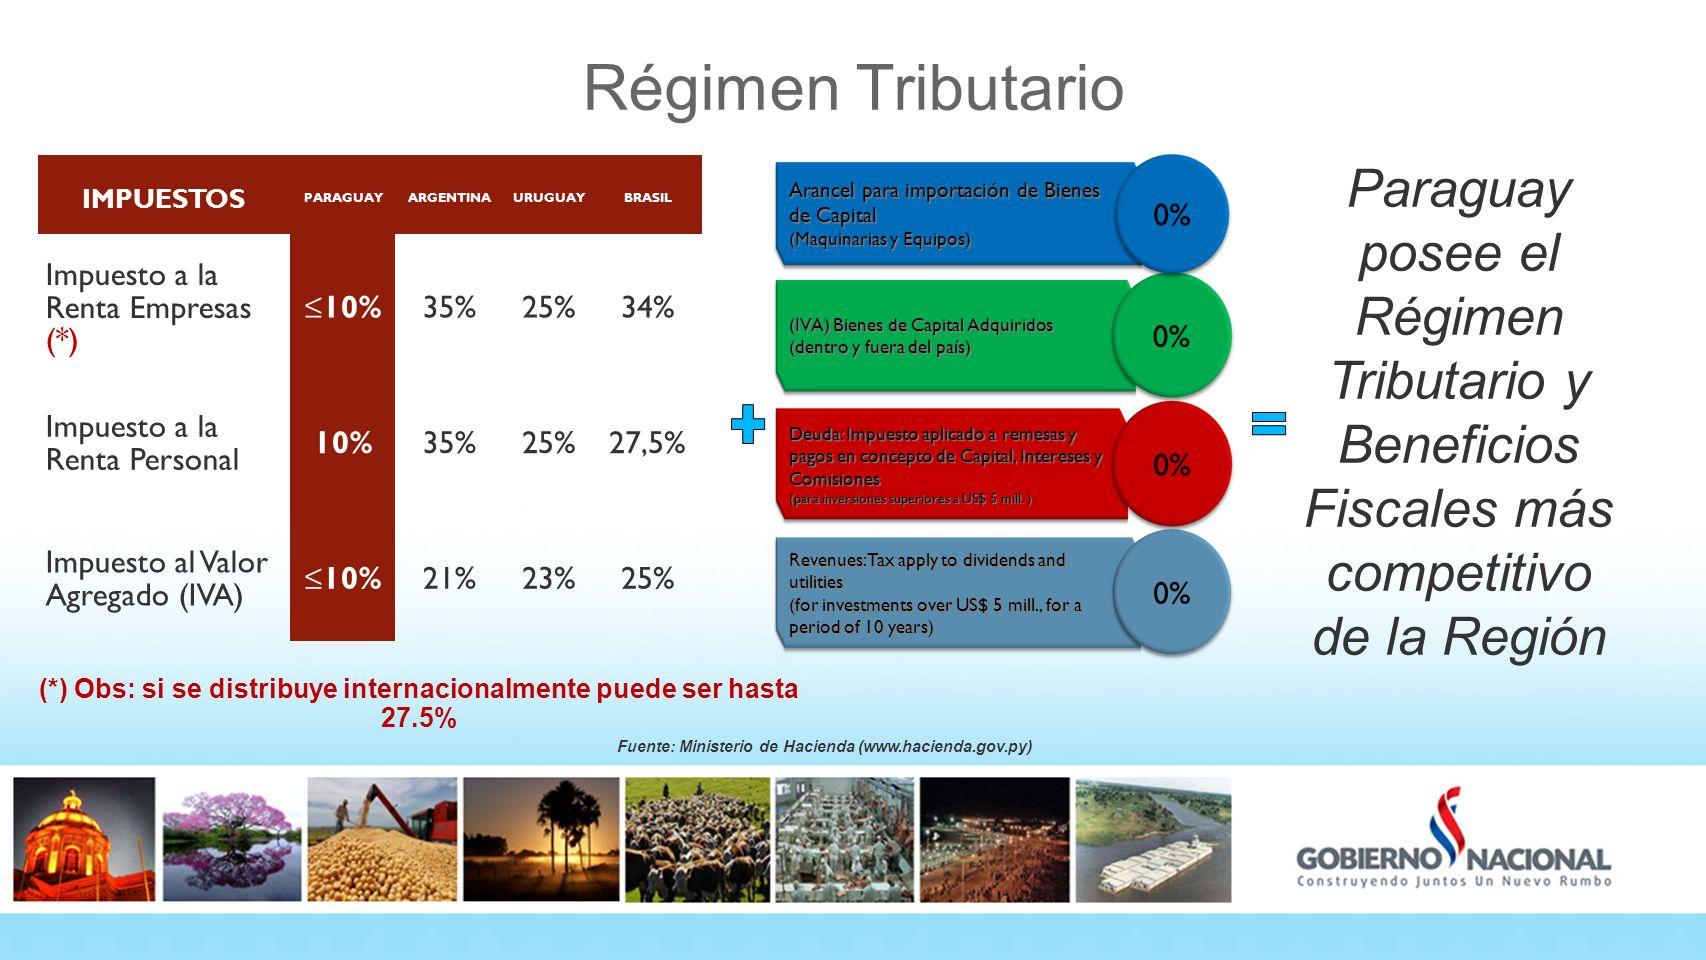 Régimen Tributario IMPUESTOS. PARAGUAY. ARGENTINA. URUGUAY. BRASIL. Impuesto a la Renta Empresas (*)